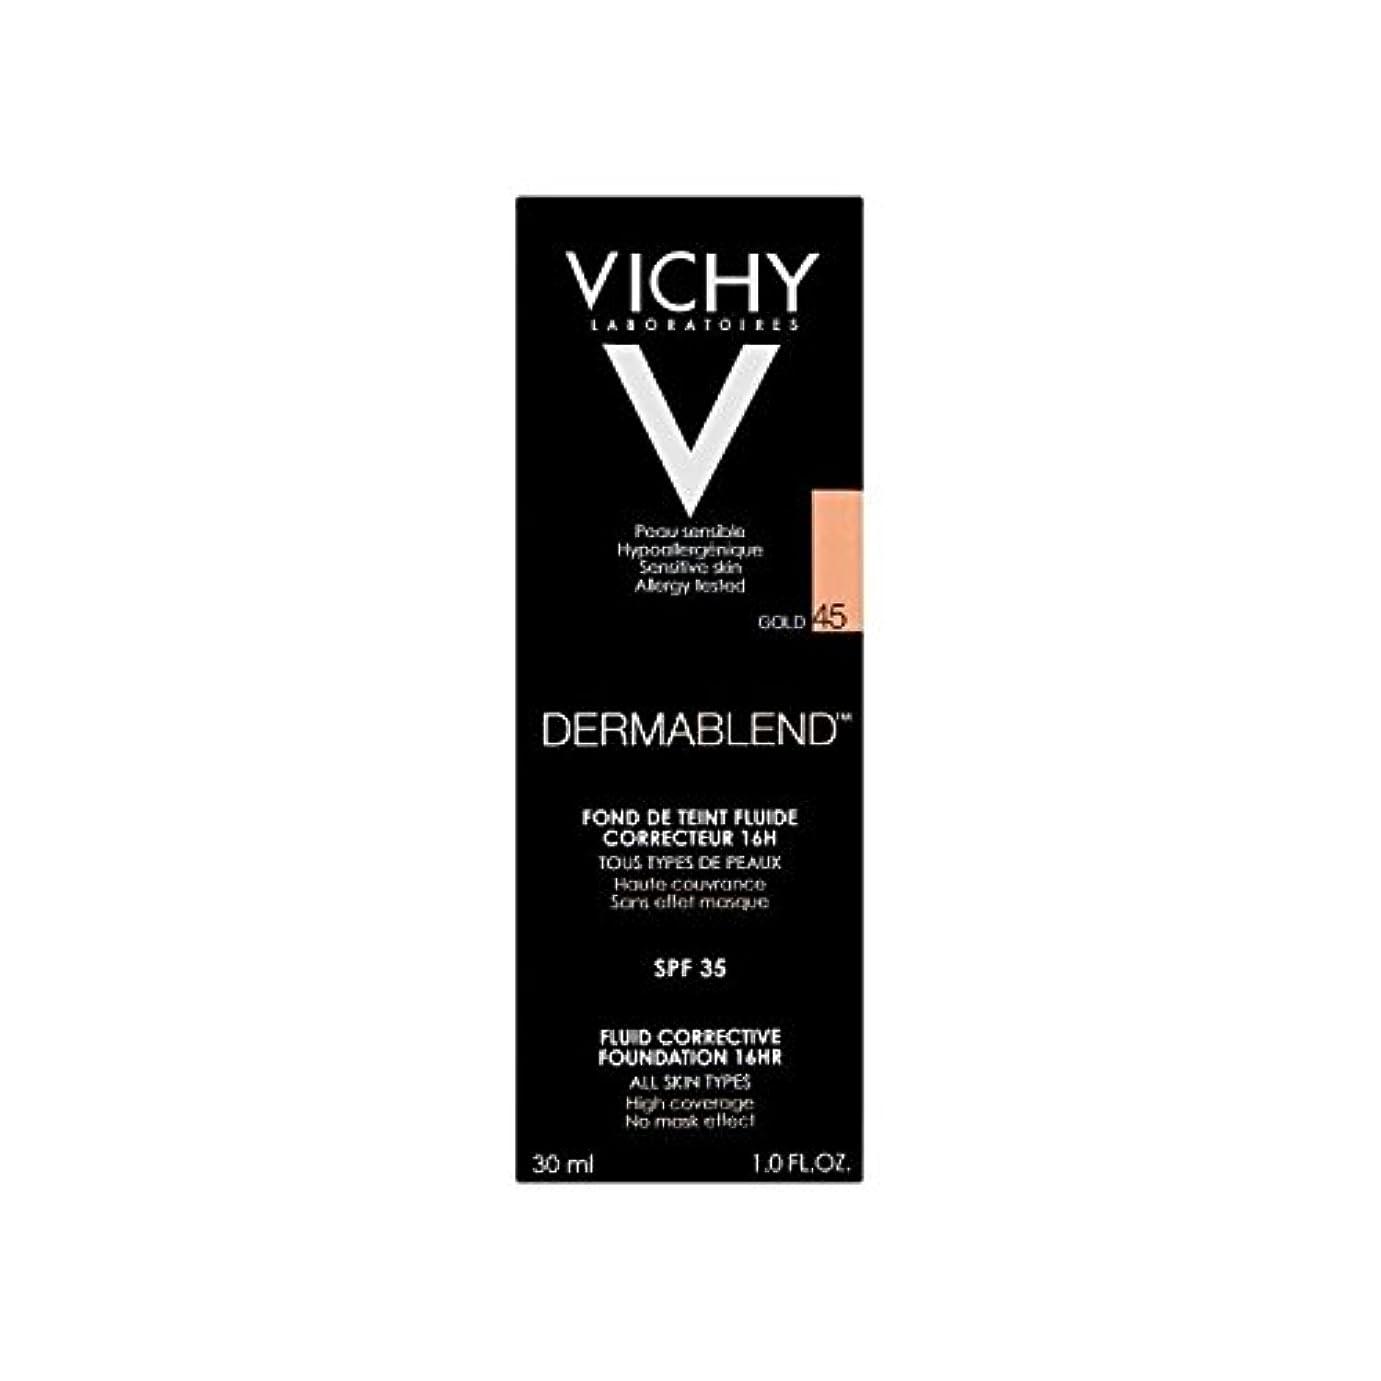 ビスケットくつろぎ継続中Vichy Dermablend Corrective Fluid Foundation 30ml Gold 45 - ヴィシー是正流体の基礎30ミリリットル金45 [並行輸入品]